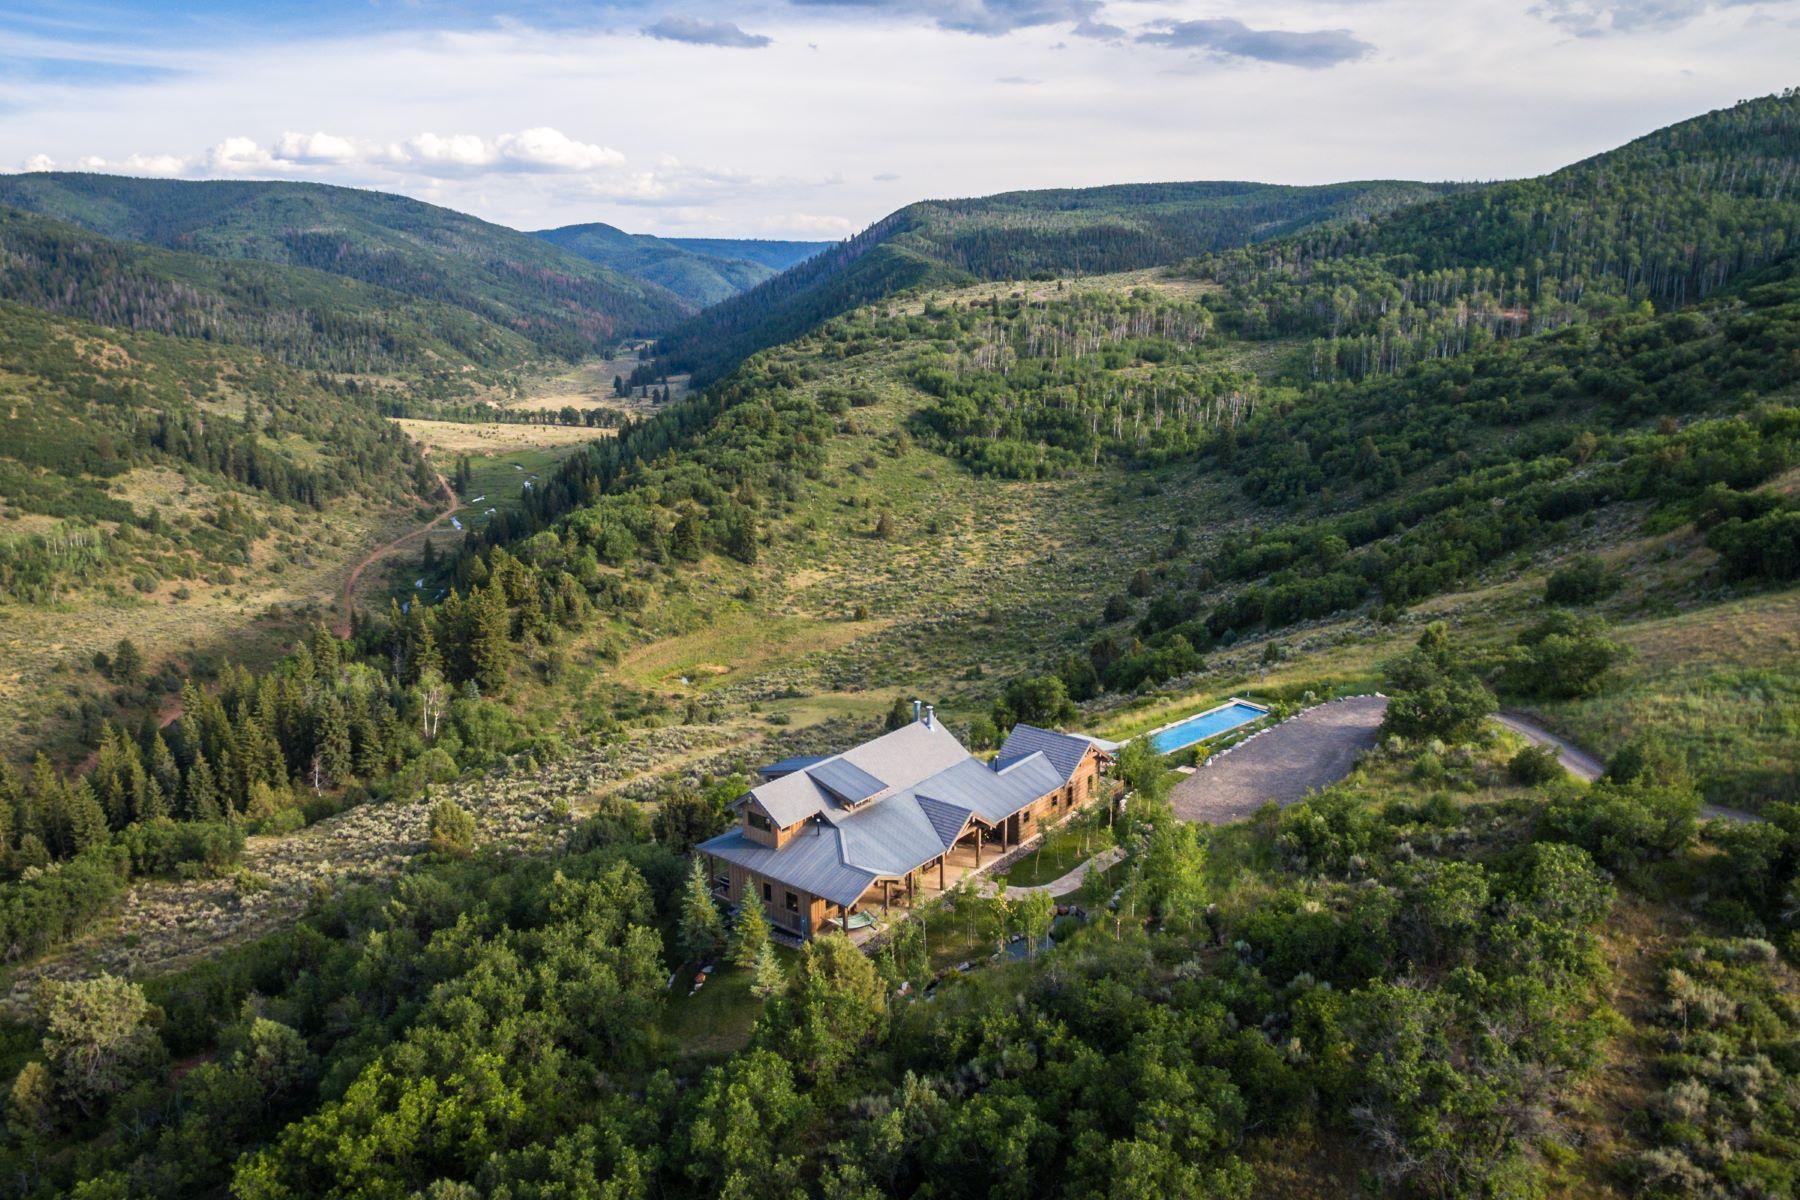 Casa Unifamiliar por un Venta en Stoneman Lodge in Elk Creek Ranch 55 Stoneman Rd Meeker, Colorado 81641 Estados Unidos